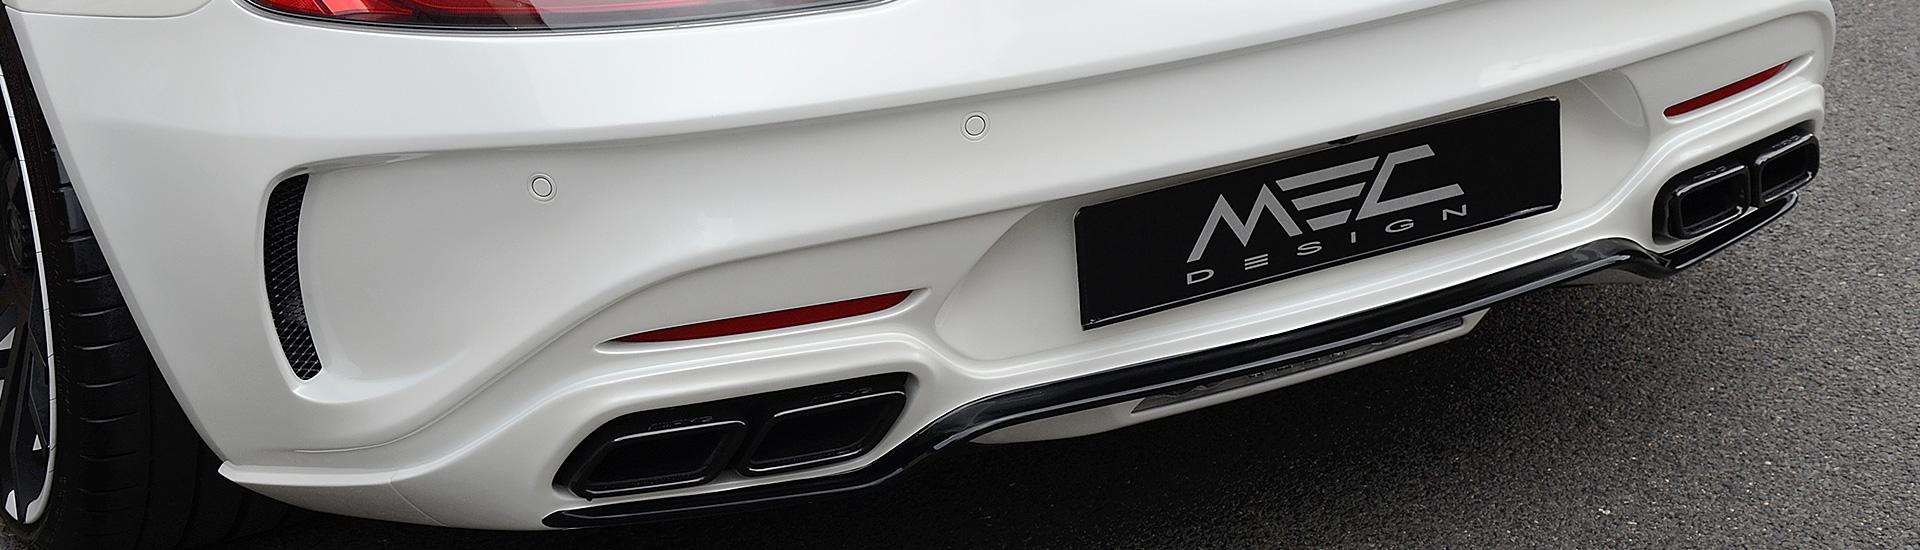 C190 GT / GT S / GT C / GT R Mercedes Tuning AMG Bodykit Felgen Auspuff Spurverbreiterung Carbon